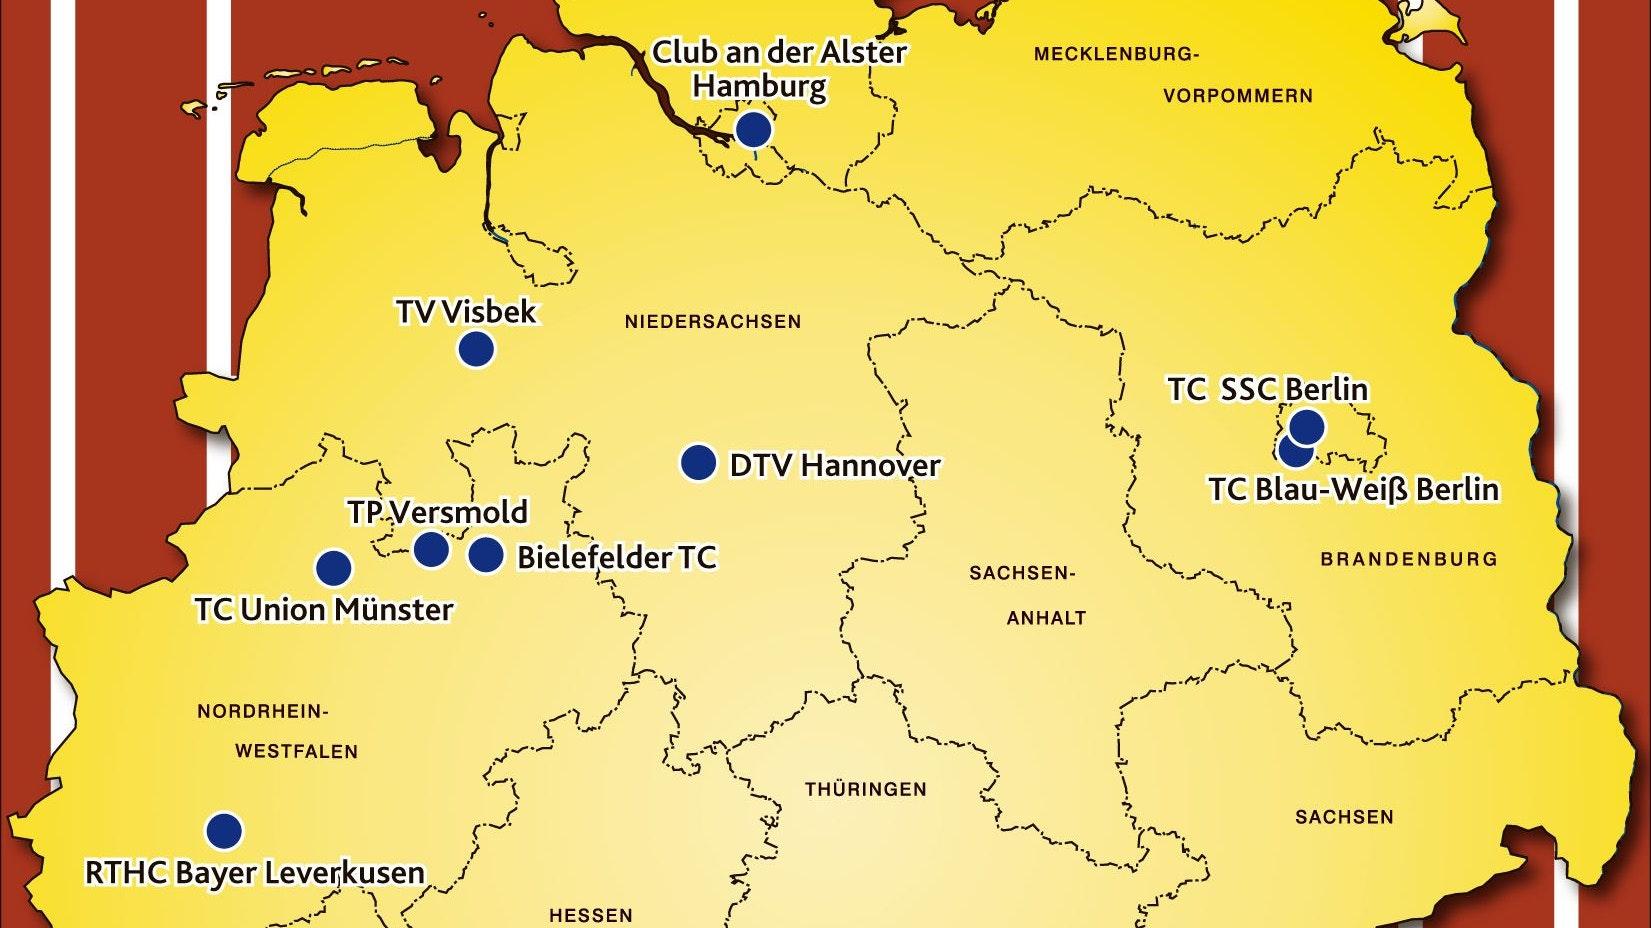 Neun Teams in der 2. Liga Nord: Der TV Visbek und Versmold sind die Aufsteiger. Grafik; von der Heide